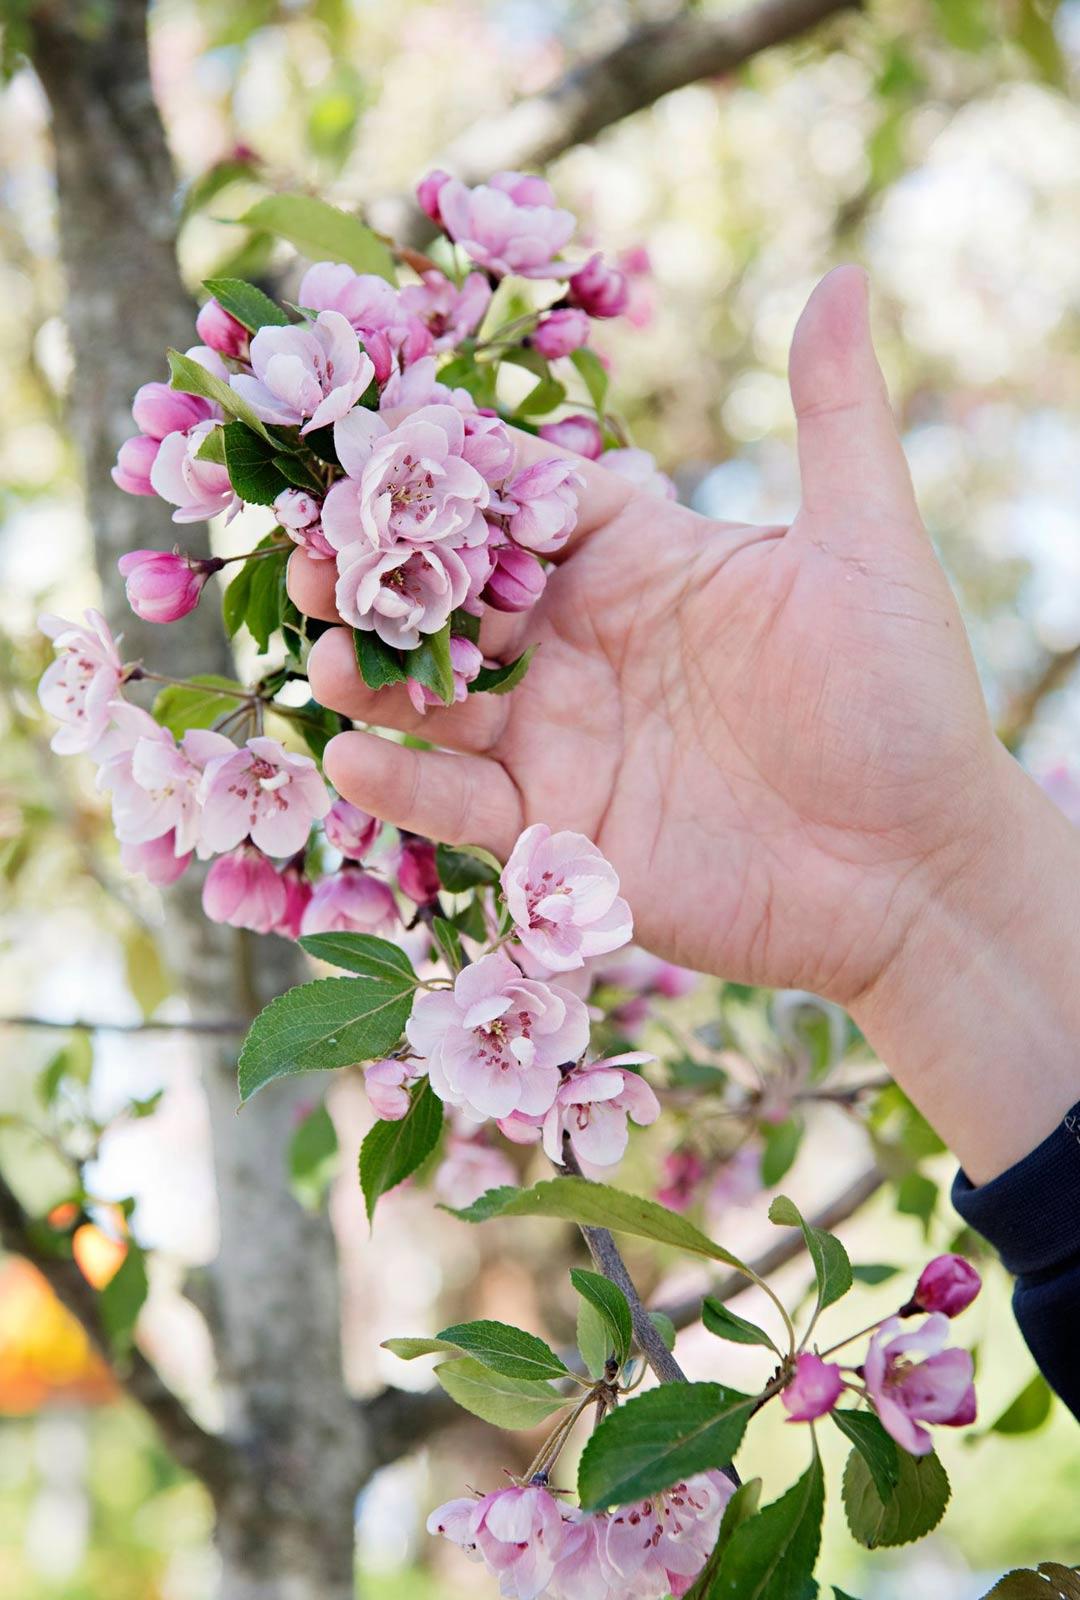 Vaaleanpunainen väri on Mikon mielestä kukkivissa puissa aivan ylitse muiden.